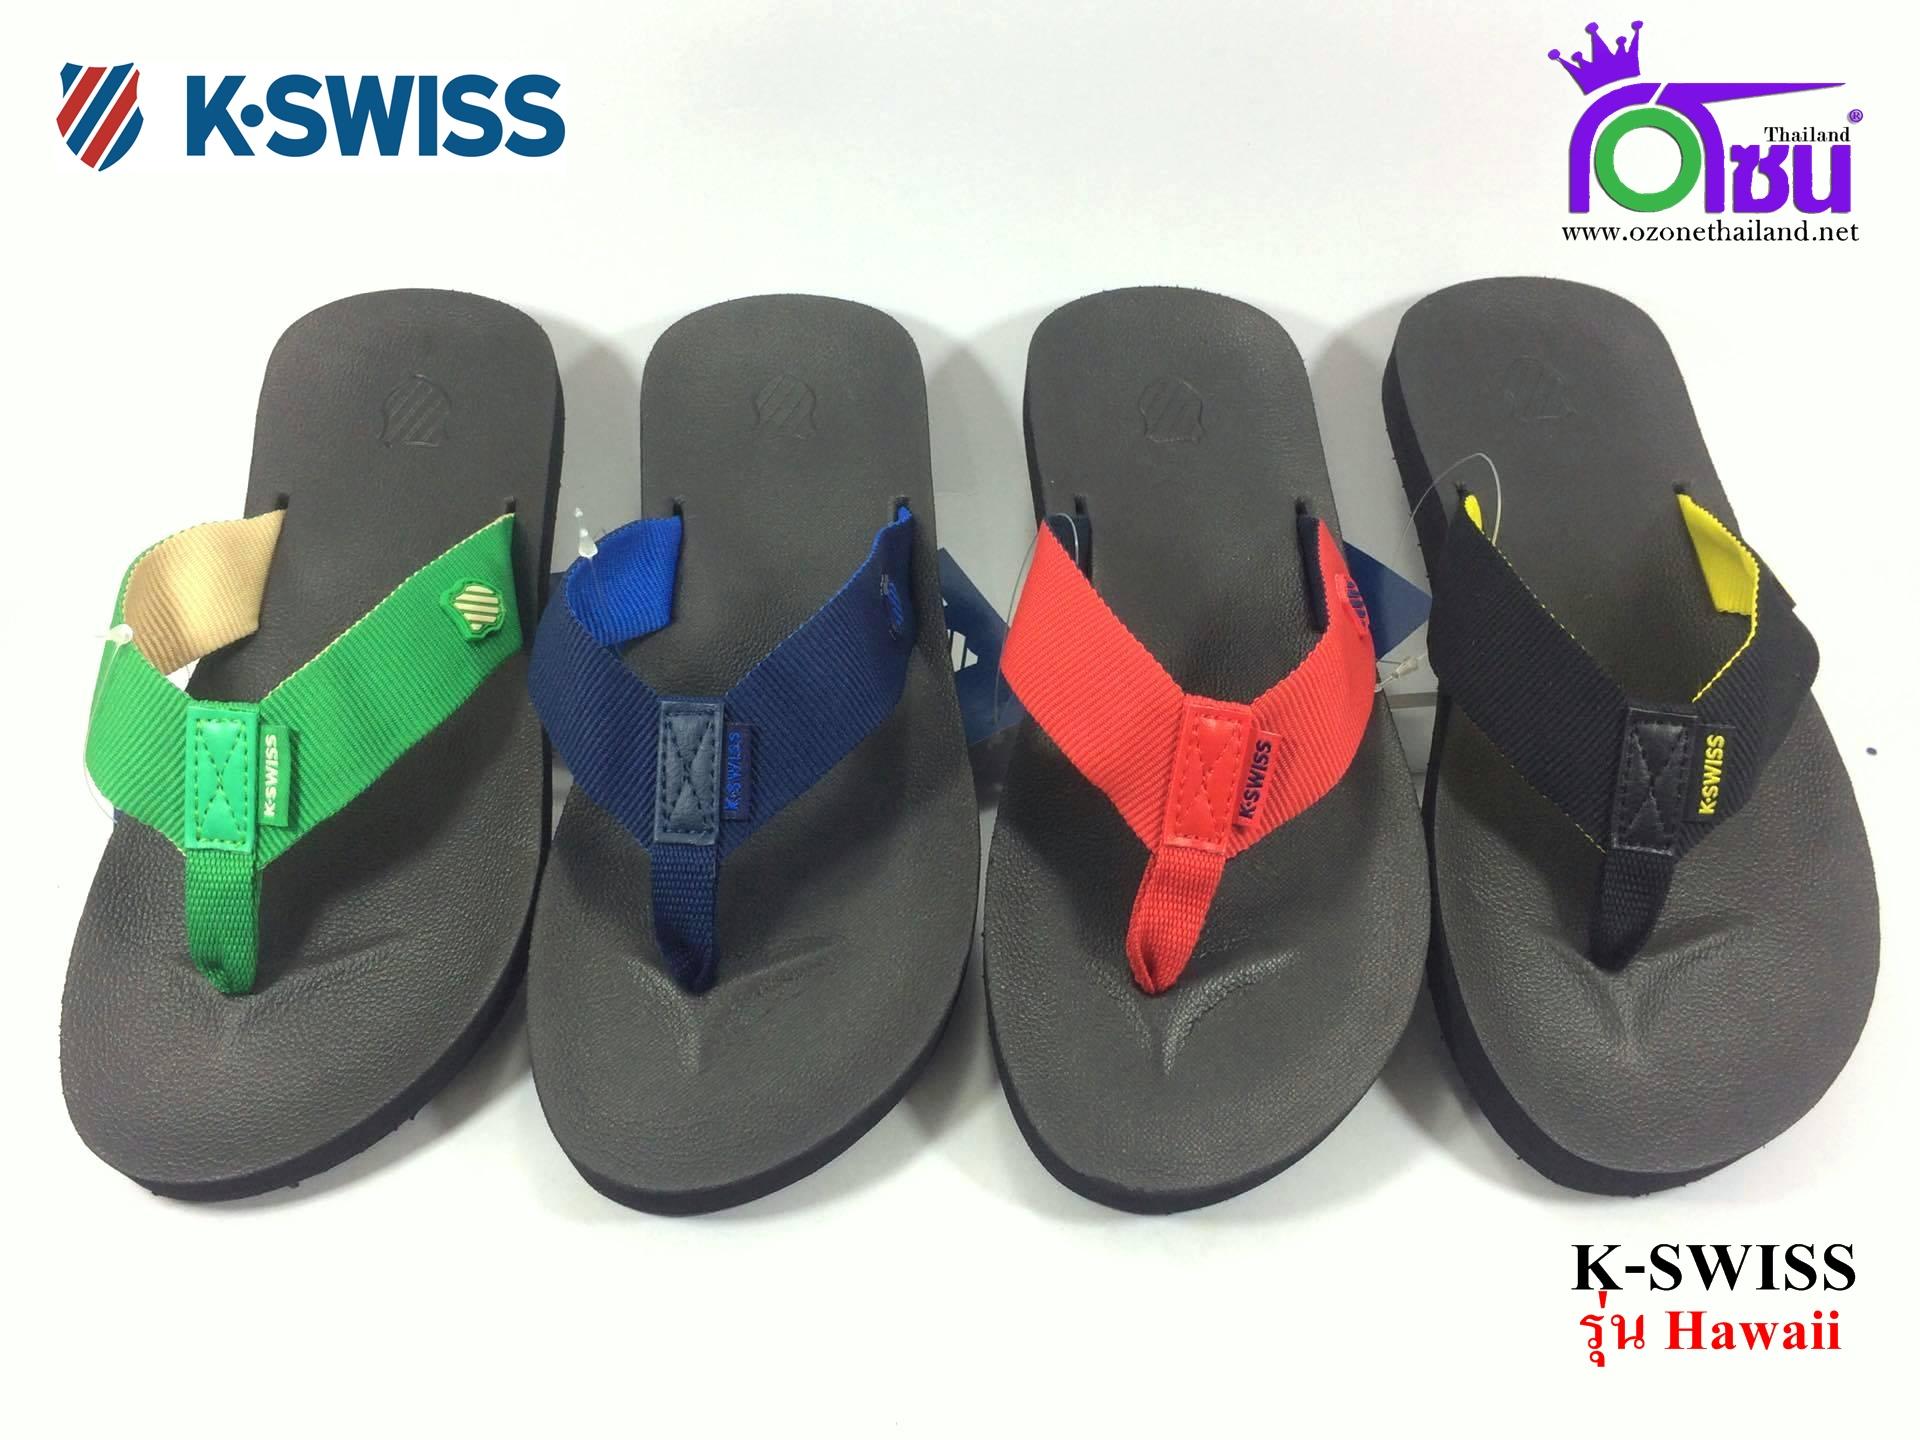 รองเท้าแตะ K-SWISS เคสวิส รุ่น Hawaii ฮาวาย เบอร์ 7-12